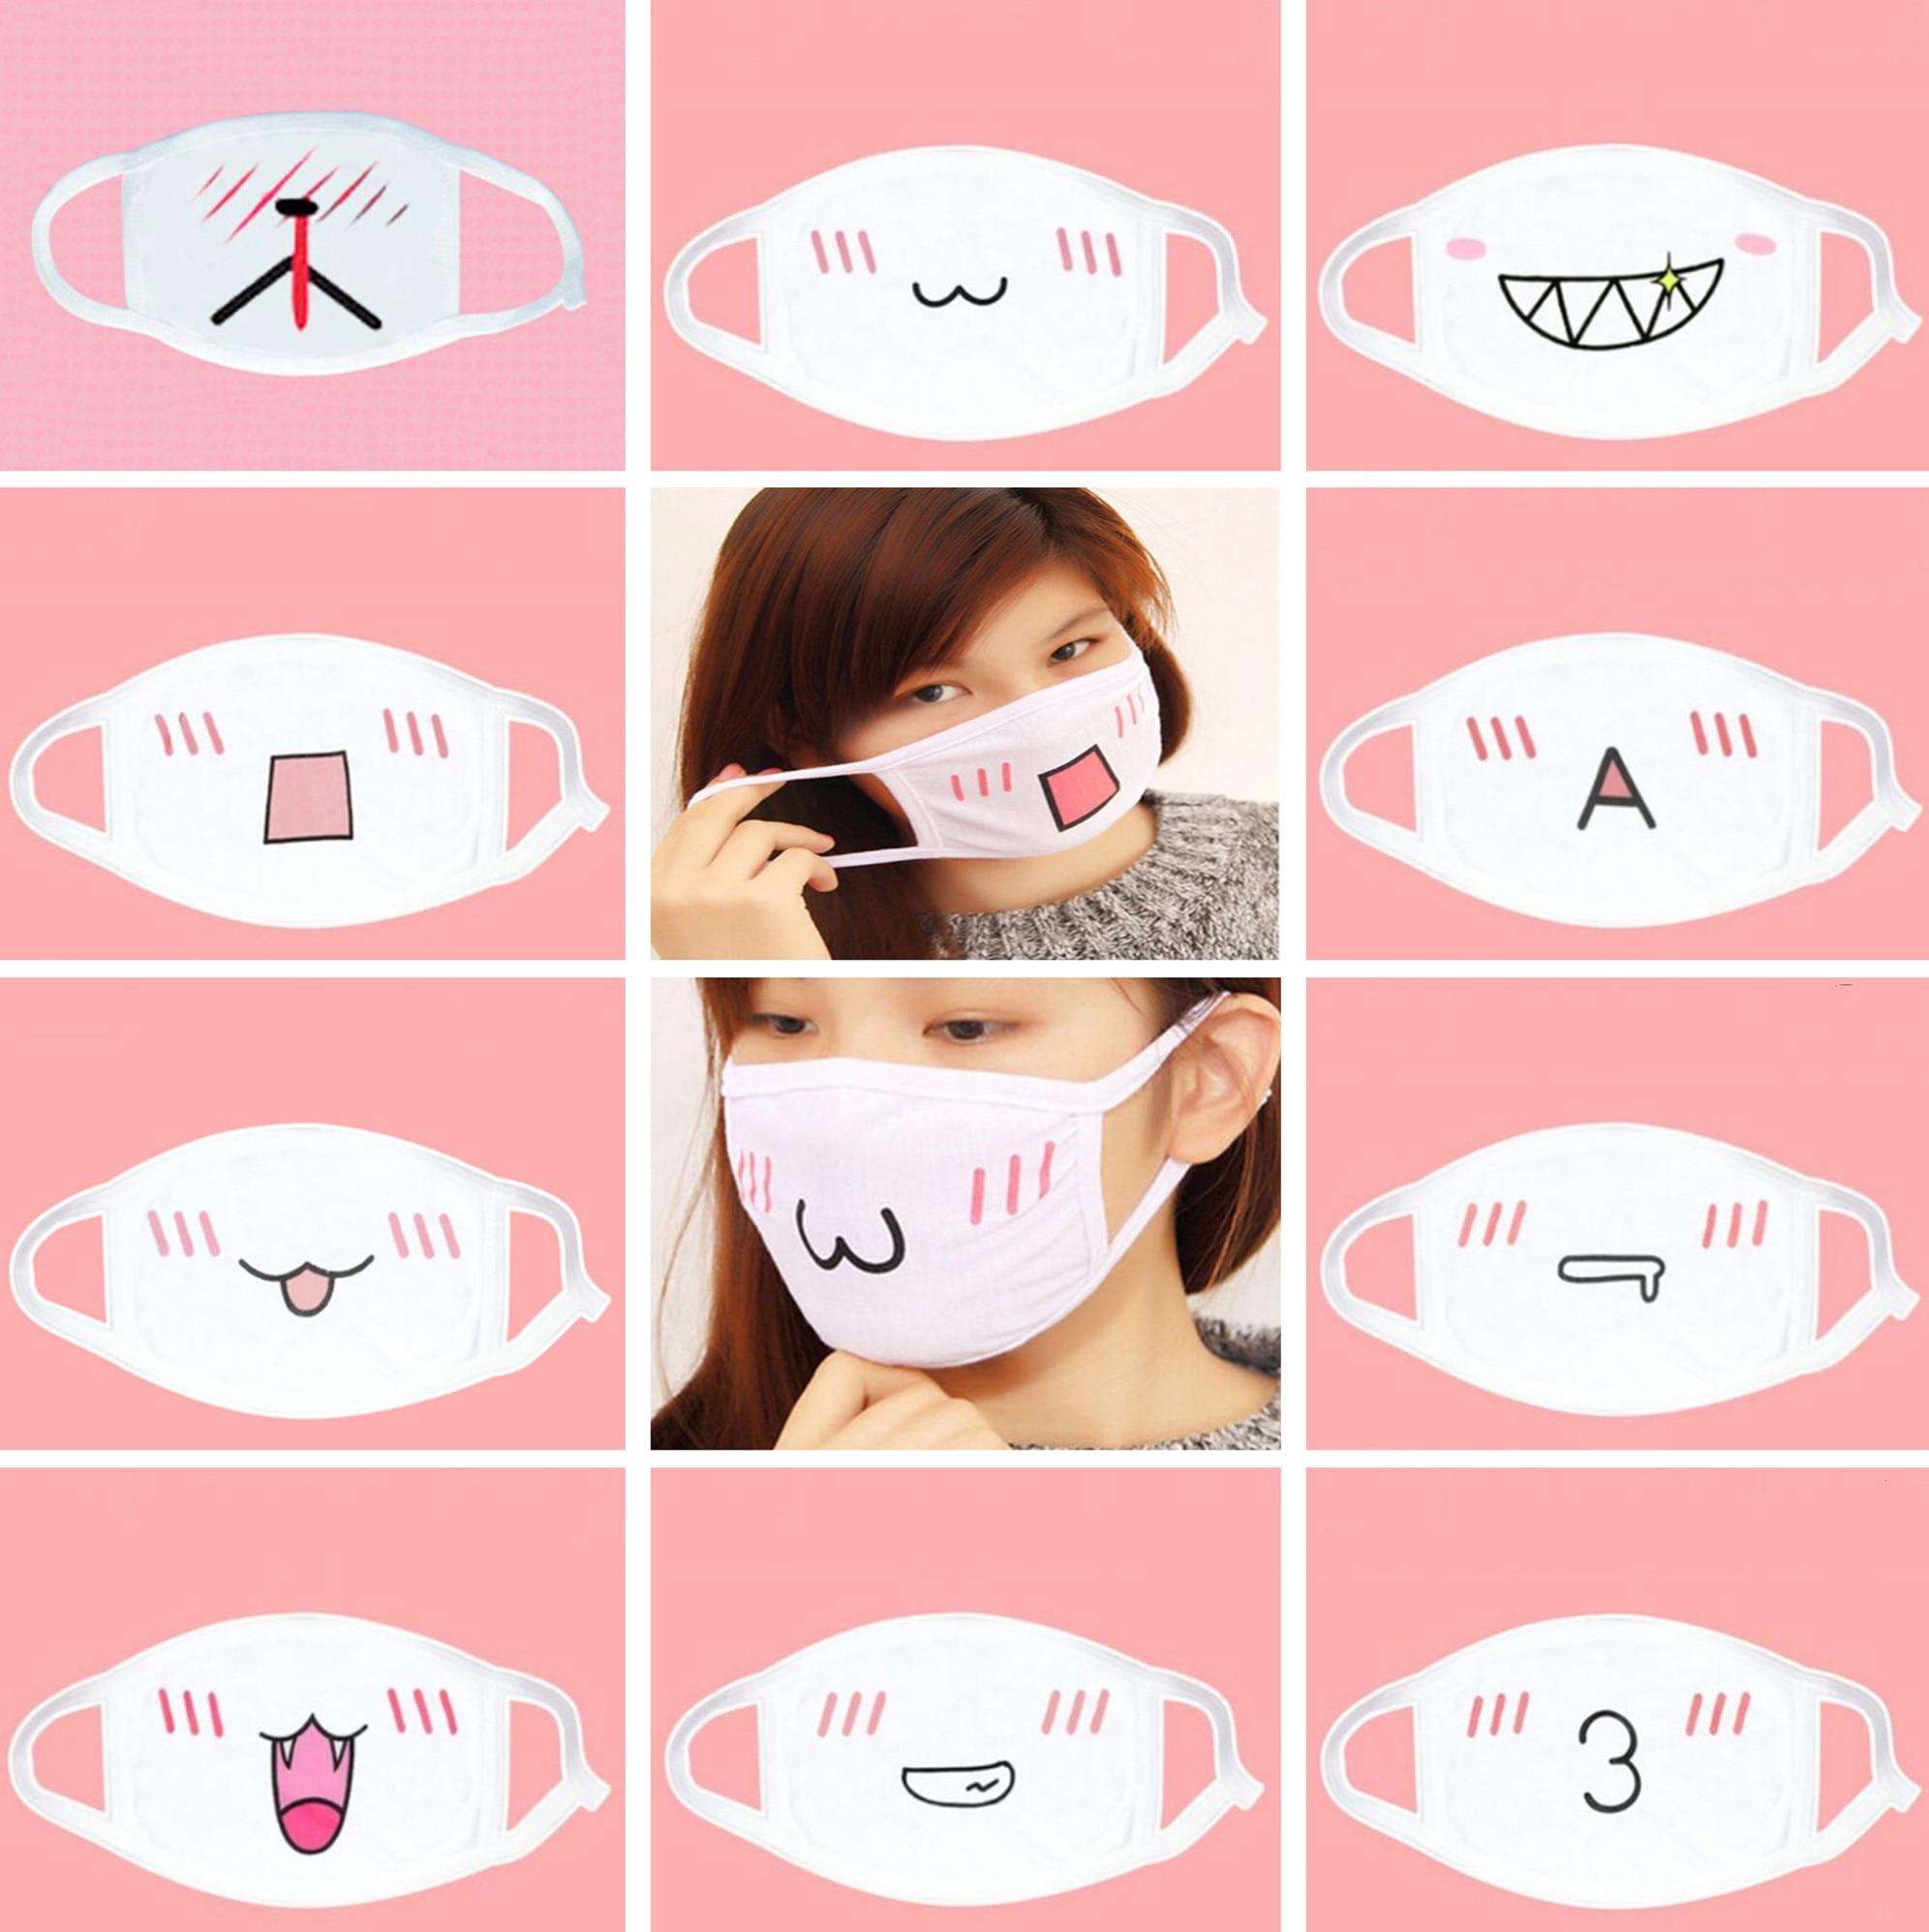 Cotton Dustproof Mouth Face Mask Unisex Korean Style Kpop Black Emotiction Anti-Dust Cotton Facial Protective Cover Masks